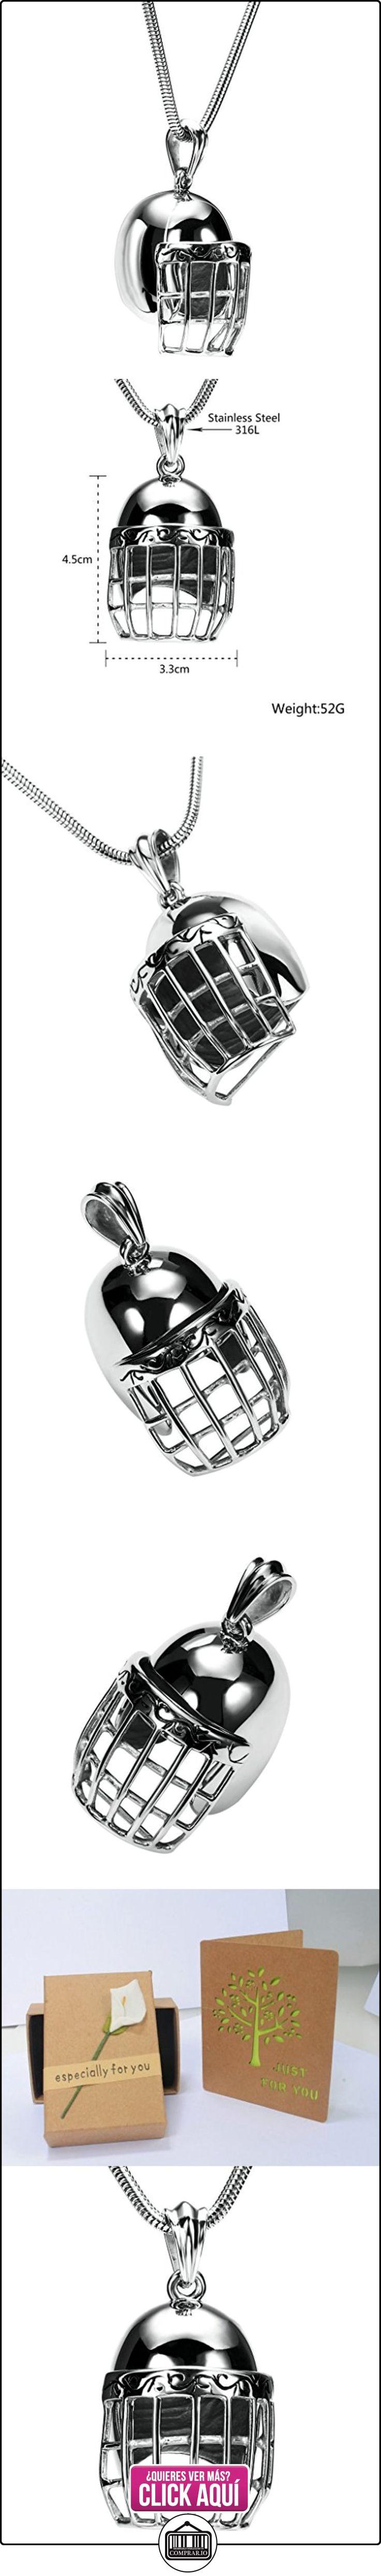 Daesar Joyería Collares de Hombre Acero Inoxidable Casco de Fútbol Americano Plata Colgantes Vintage 3.3X4.5cm  ✿ Joyas para niños - Regalos ✿ ▬► Ver oferta: https://comprar.io/goto/B01N426QCR